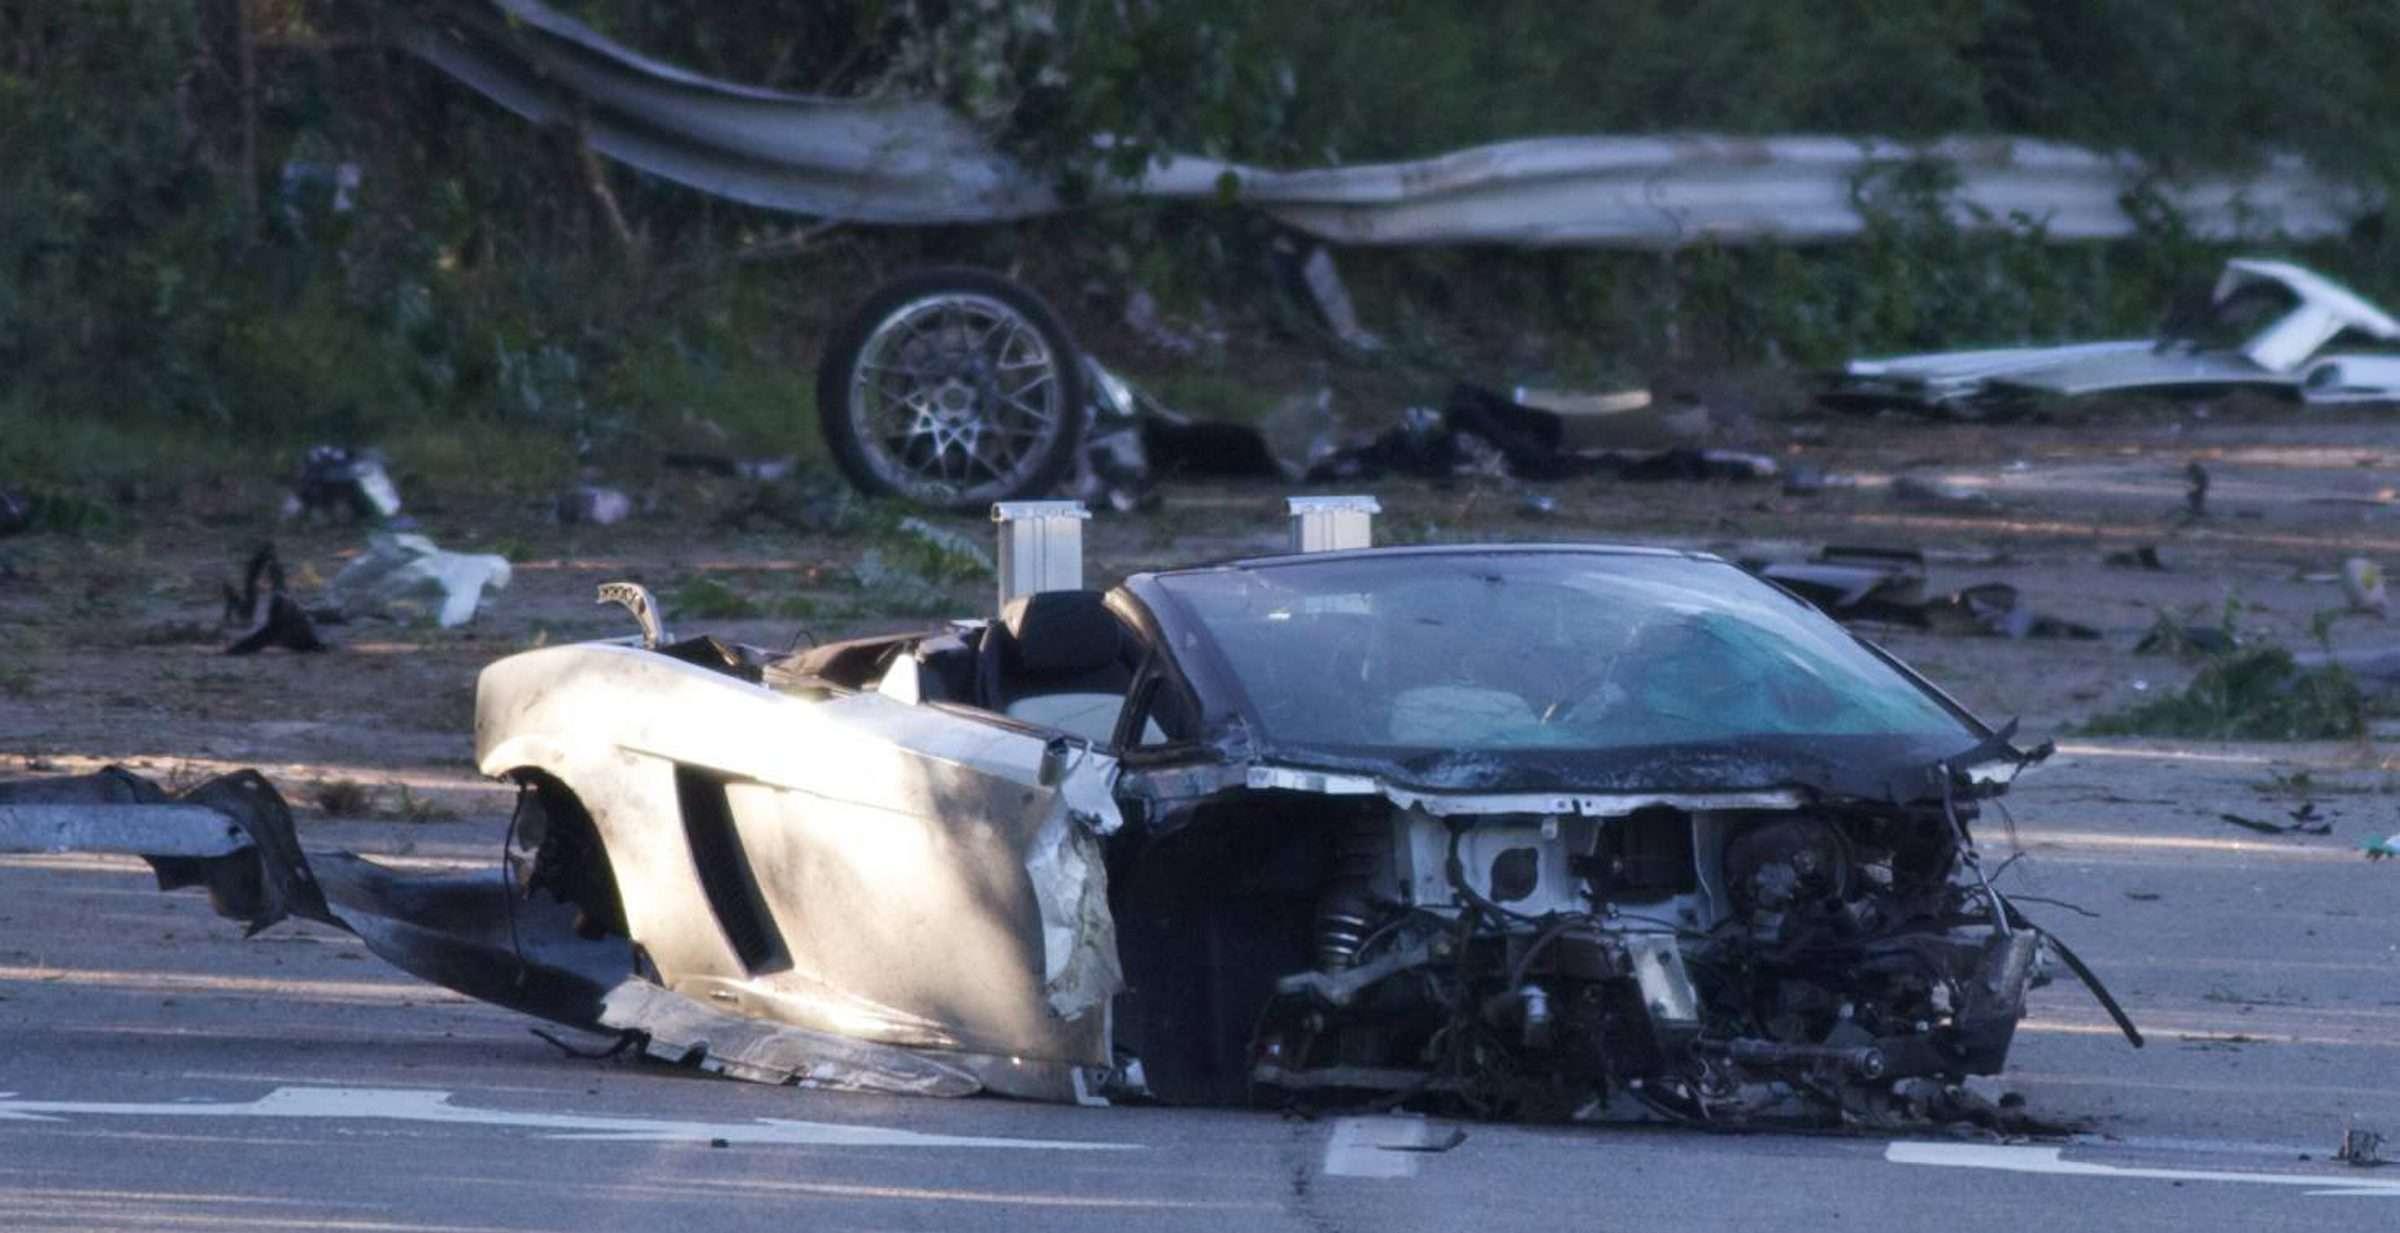 Joven choca y muere durante prueba de Lamborghini en NY